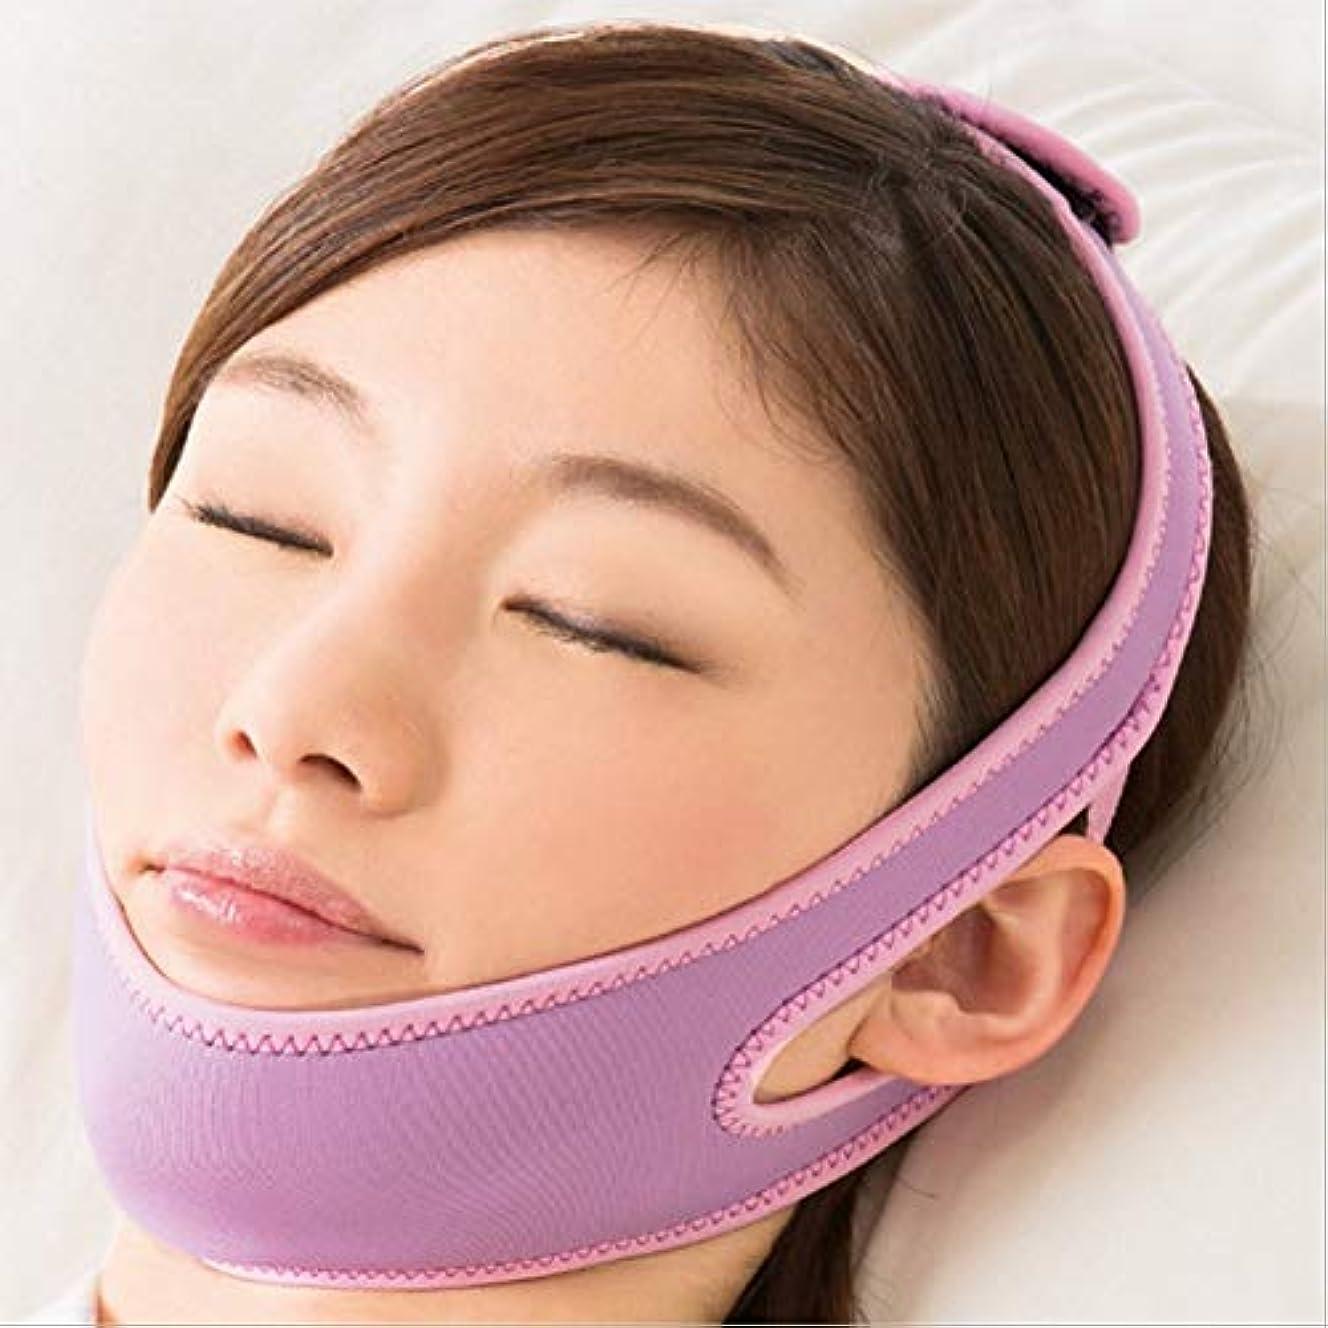 仕方重々しい扇動いびき防止 そして いびき防止テープ、 開封睡眠包帯 プロフェッショナルな効果的なデバイス 快適で自然な調整可能 あごサポートヘッドバンド